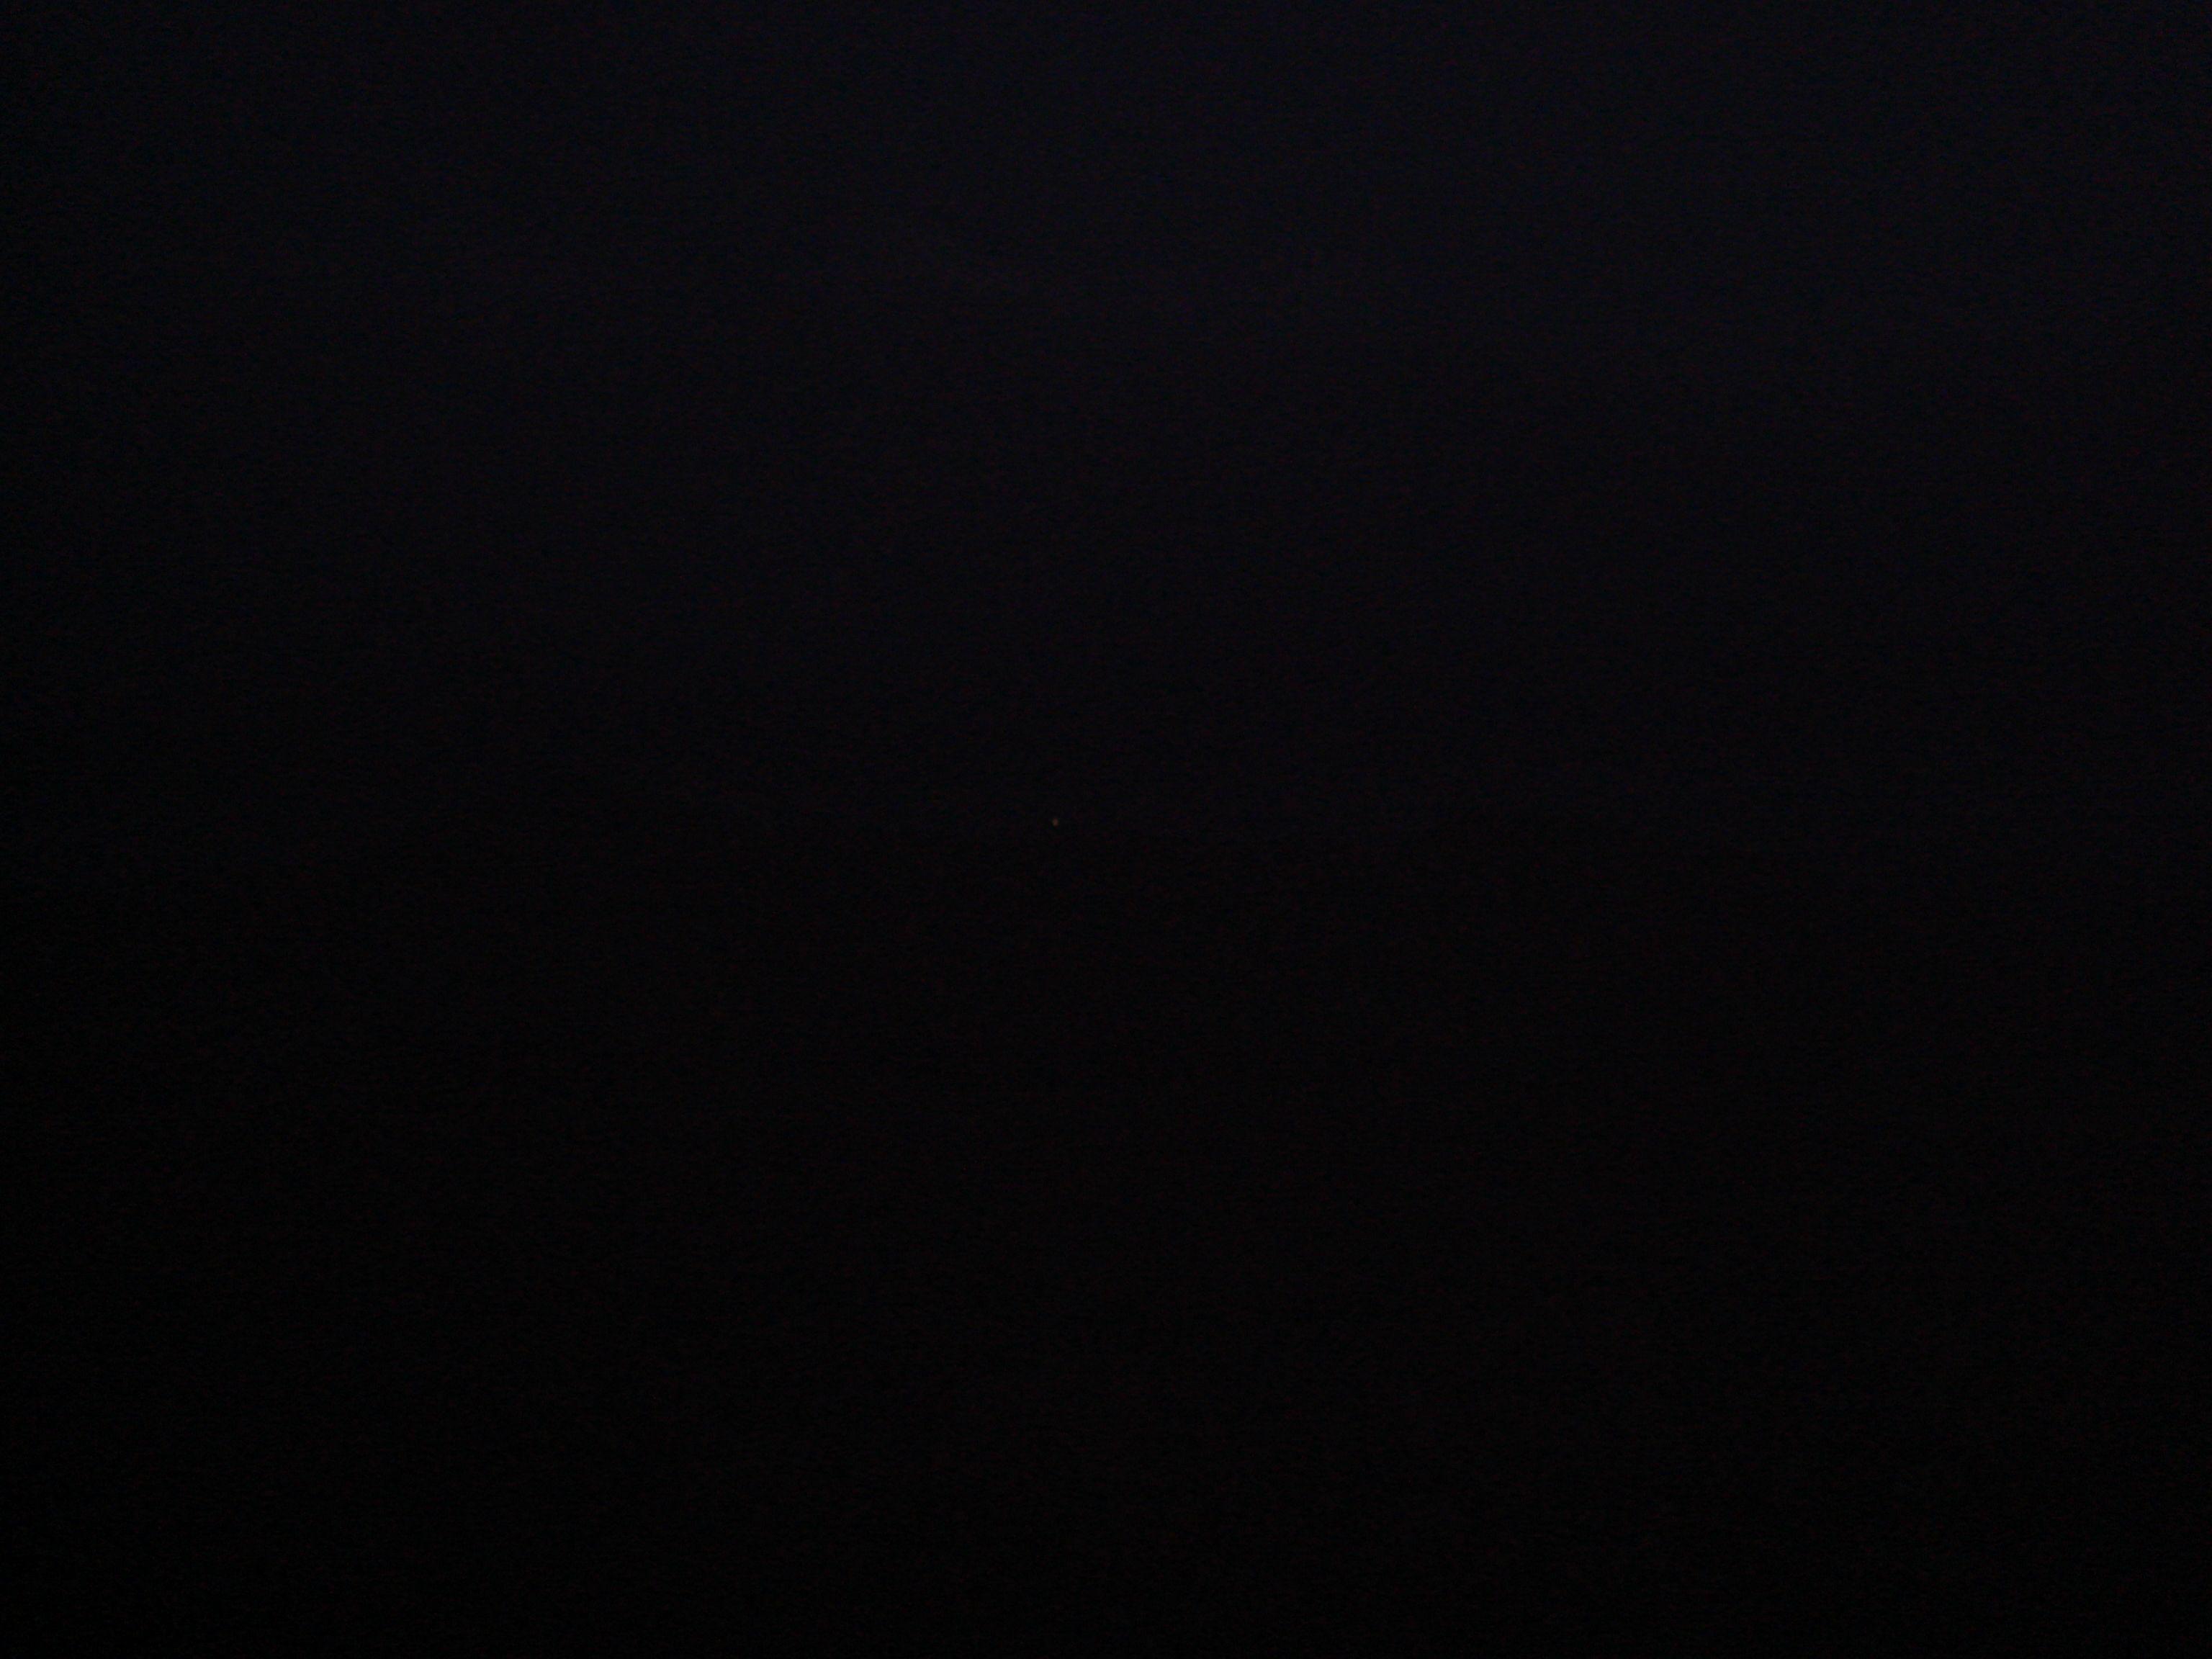 Fondo Negro Con Luces - Imagui